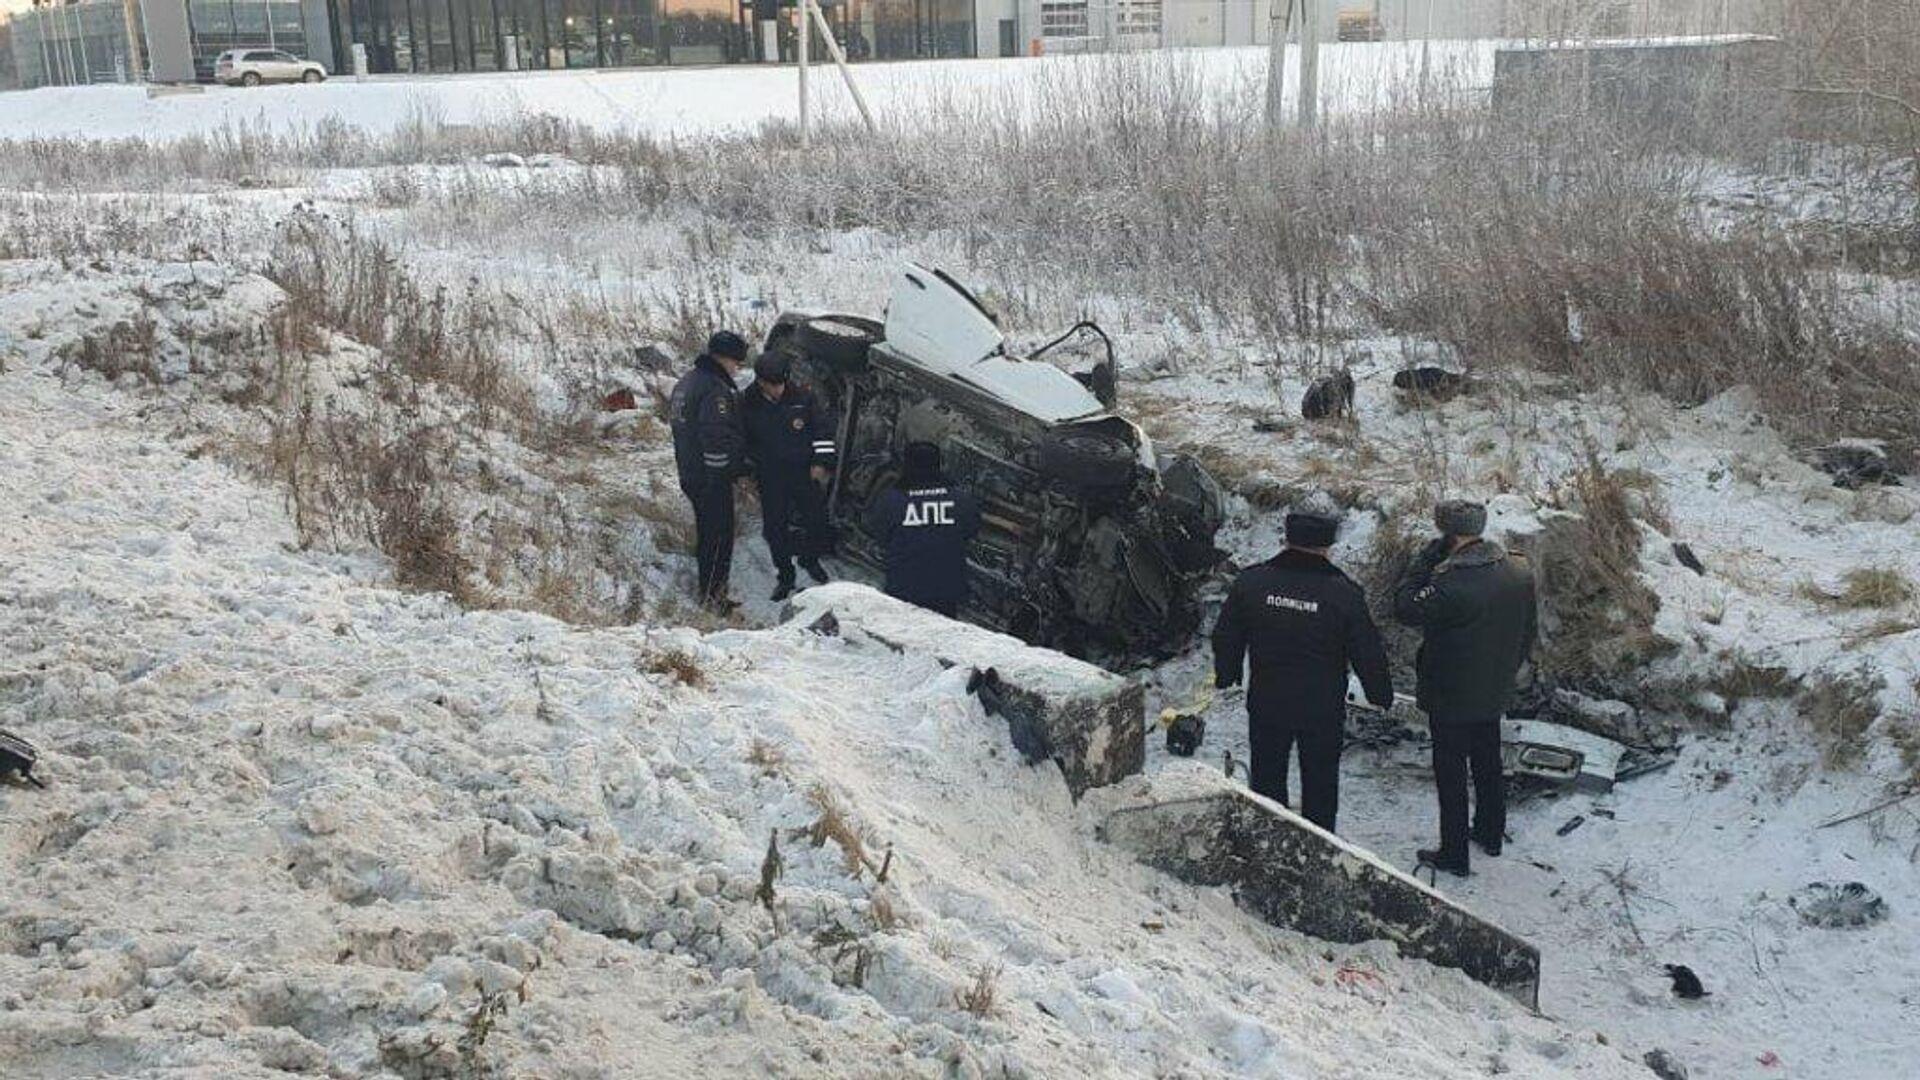 Автомобиль Volkswagen Polo съехал с Кольцовского тракта в Екатеринбурге и опрокинулся - РИА Новости, 1920, 01.12.2020